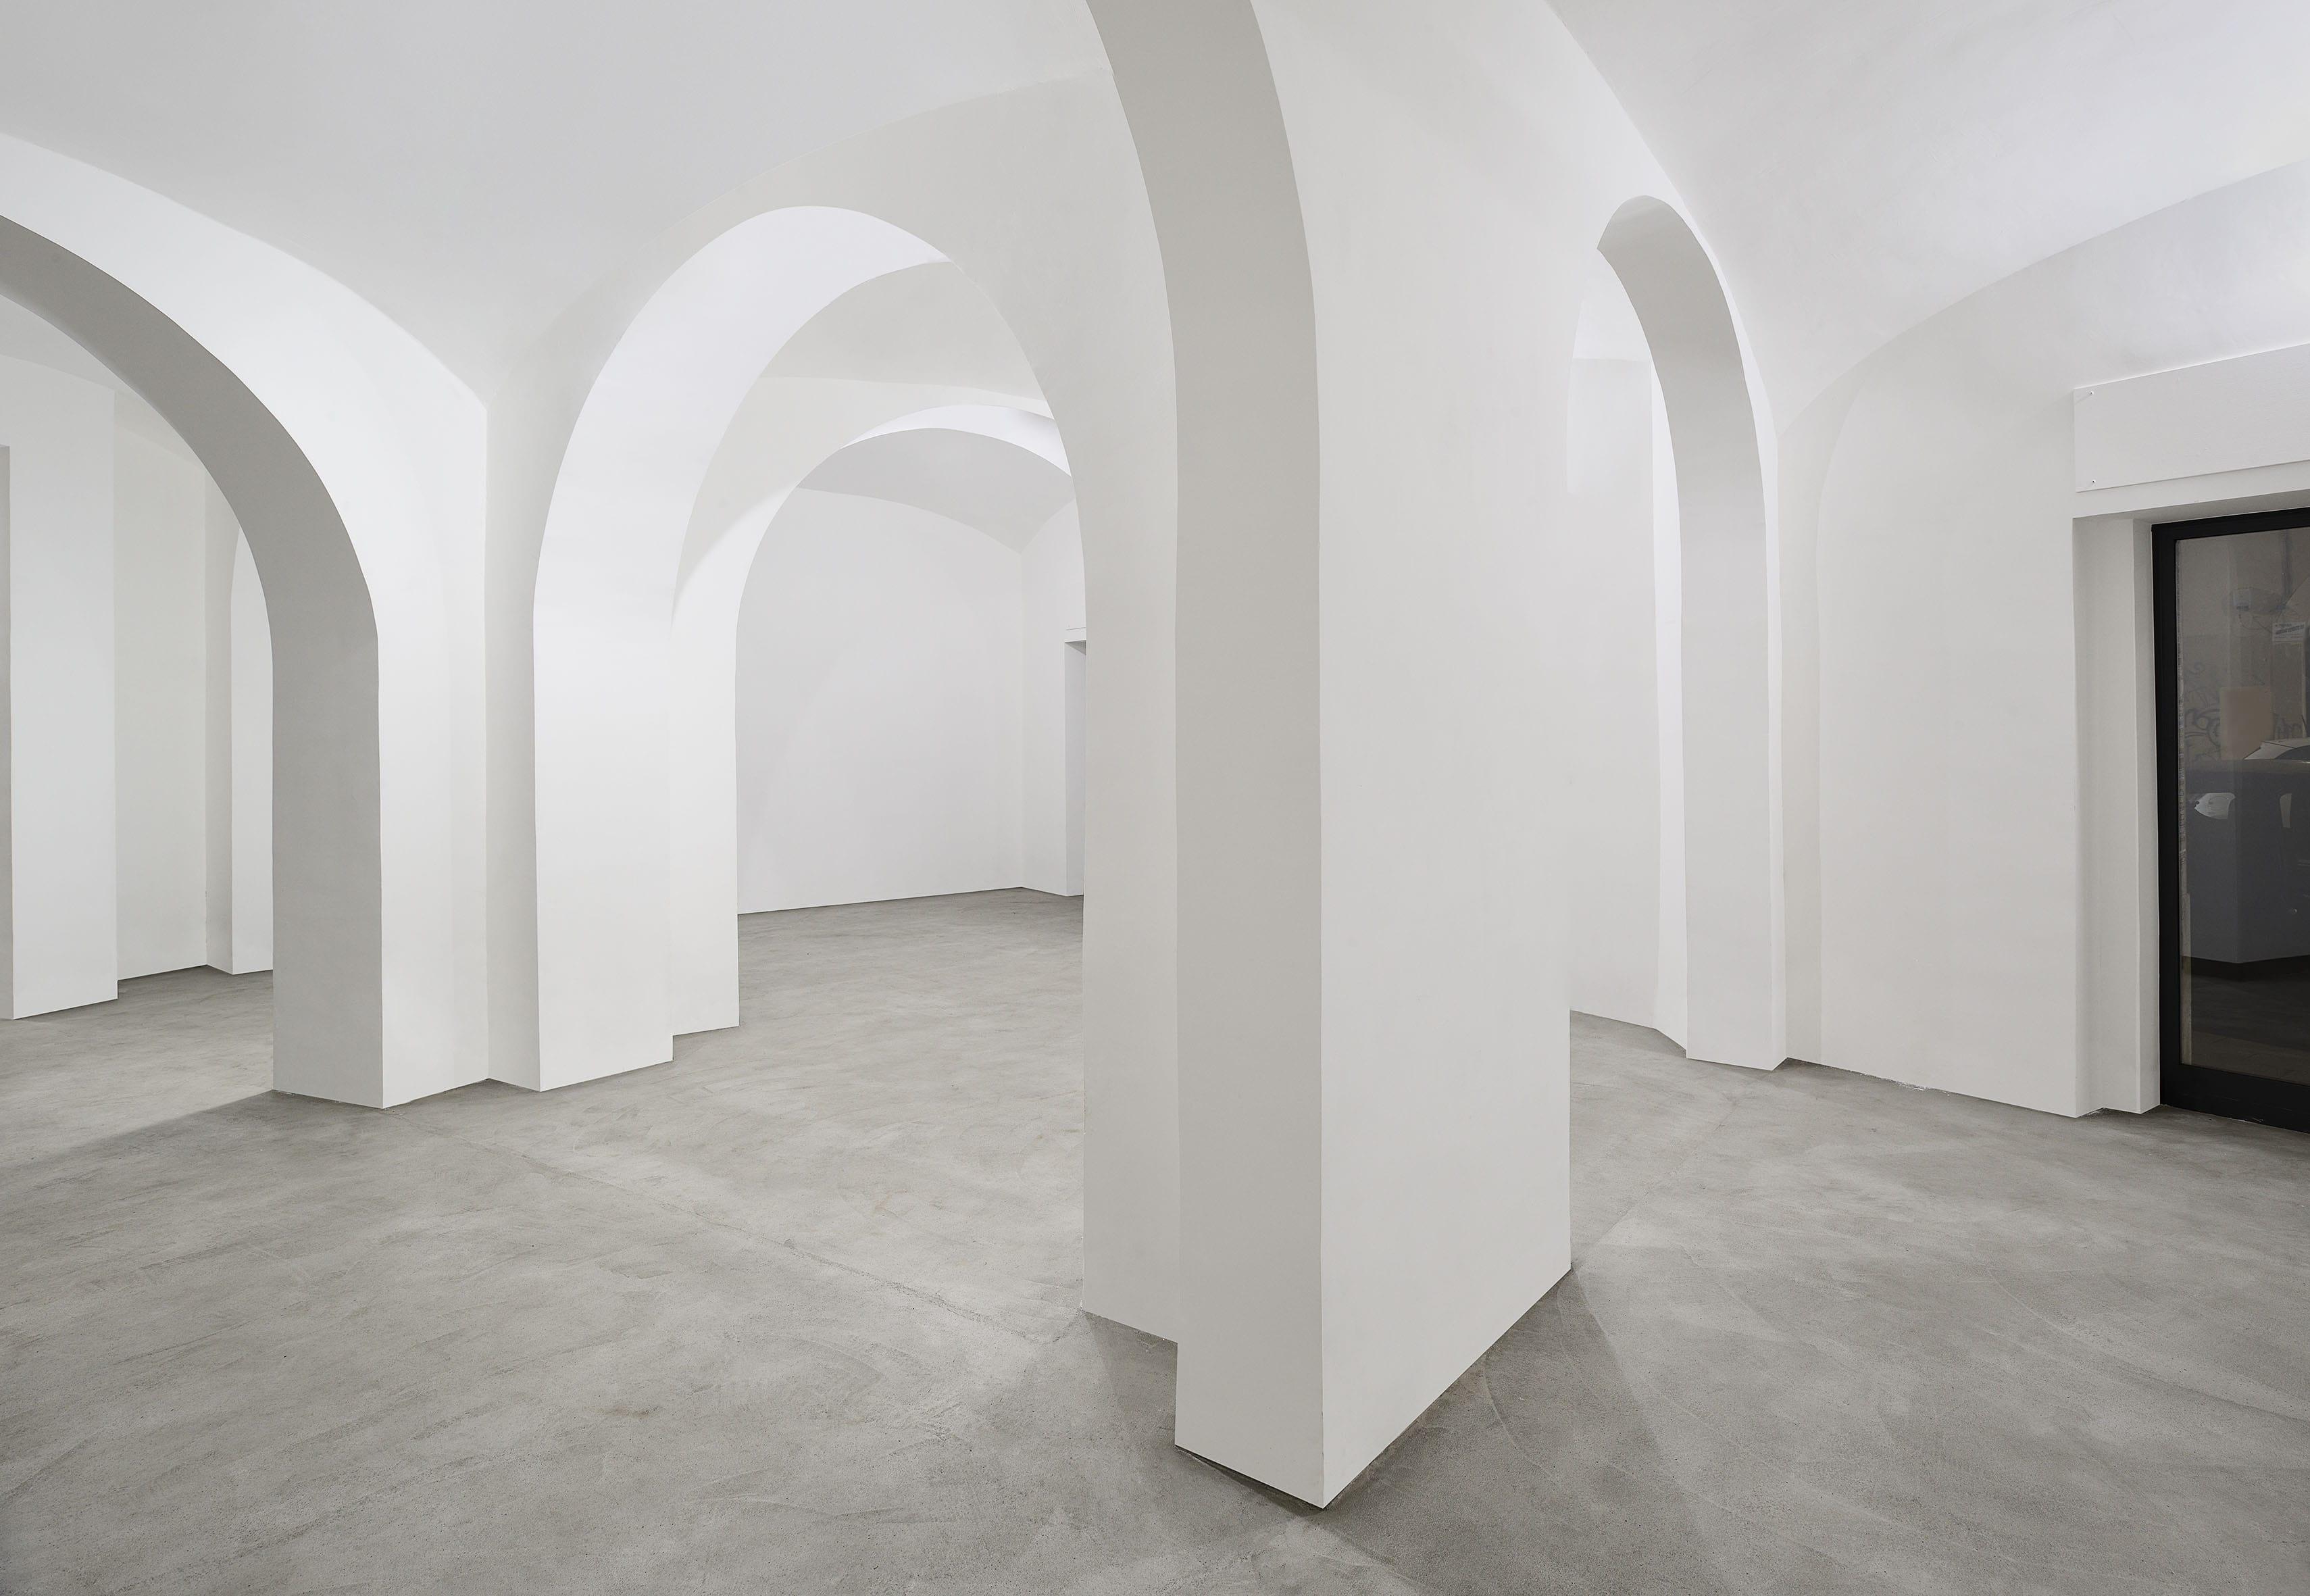 Le 4 gallerie di arte contemporanea da visitare a Roma a gennaio 2021